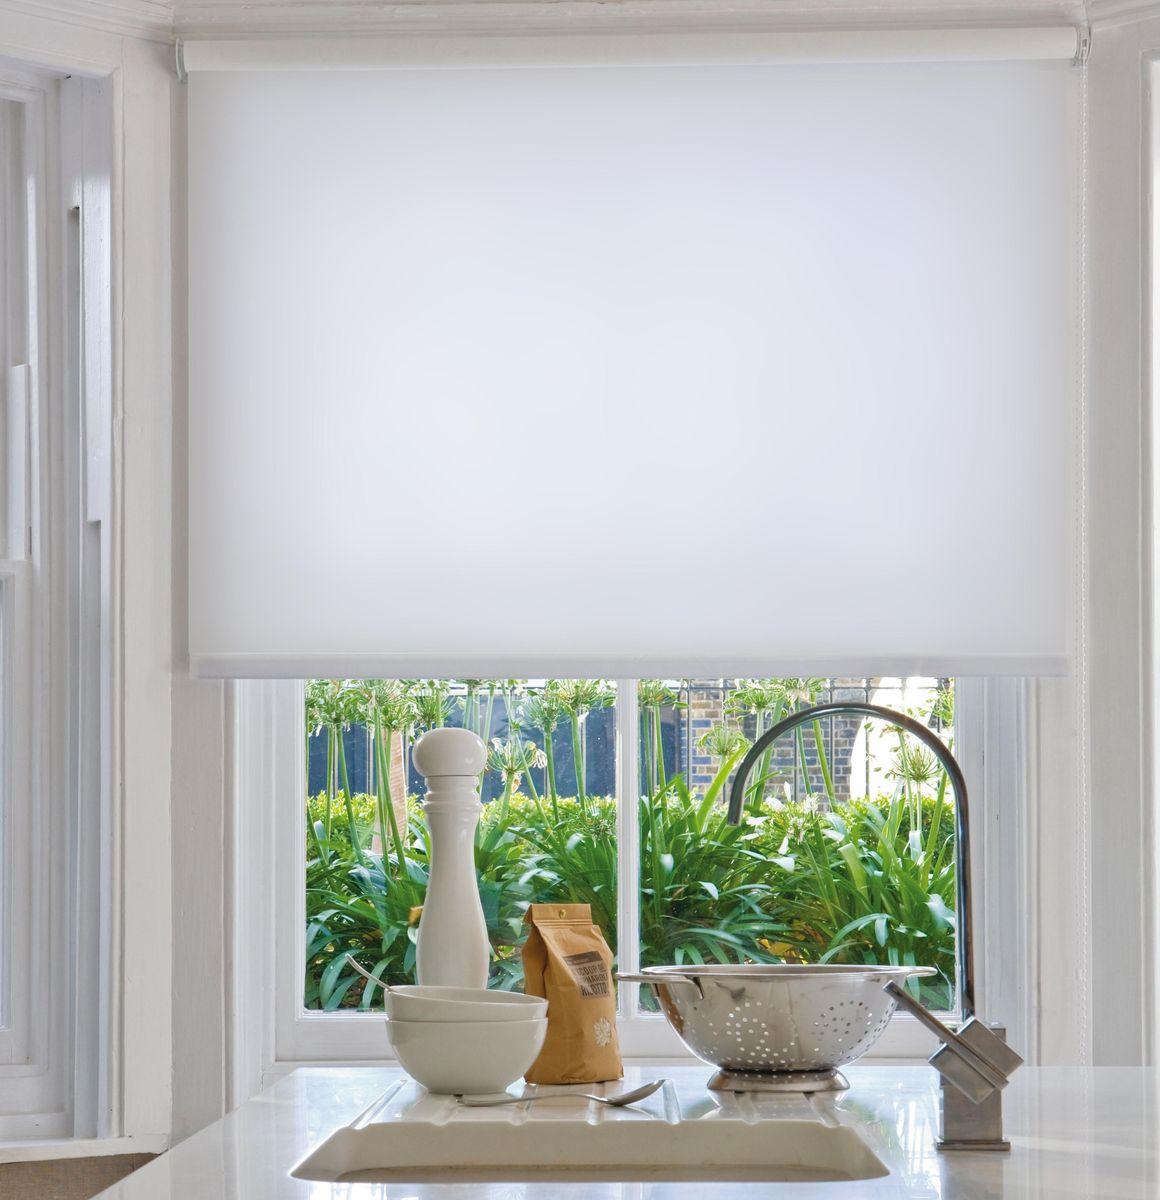 Штора рулонная Эскар, цвет: белый, ширина 60 см, высота 170 см8008060170Рулонными шторами можно оформлять окна как самостоятельно, так и использовать в комбинации с портьерами. Это поможет предотвратить выгорание дорогой ткани на солнце и соединит функционал рулонных с красотой навесных. Преимущества применения рулонных штор для пластиковых окон: - имеют прекрасный внешний вид: многообразие и фактурность материала изделия отлично смотрятся в любом интерьере; - многофункциональны: есть возможность подобрать шторы способные эффективно защитить комнату от солнца, при этом о на не будет слишком темной. - Есть возможность осуществить быстрый монтаж. ВНИМАНИЕ! Размеры ширины изделия указаны по ширине ткани! Во время эксплуатации не рекомендуется полностью разматывать рулон, чтобы не оторвать ткань от намоточного вала. В случае загрязнения поверхности ткани, чистку шторы проводят одним из способов, в зависимости от типа загрязнения: легкое поверхностное загрязнение можно удалить при помощи...